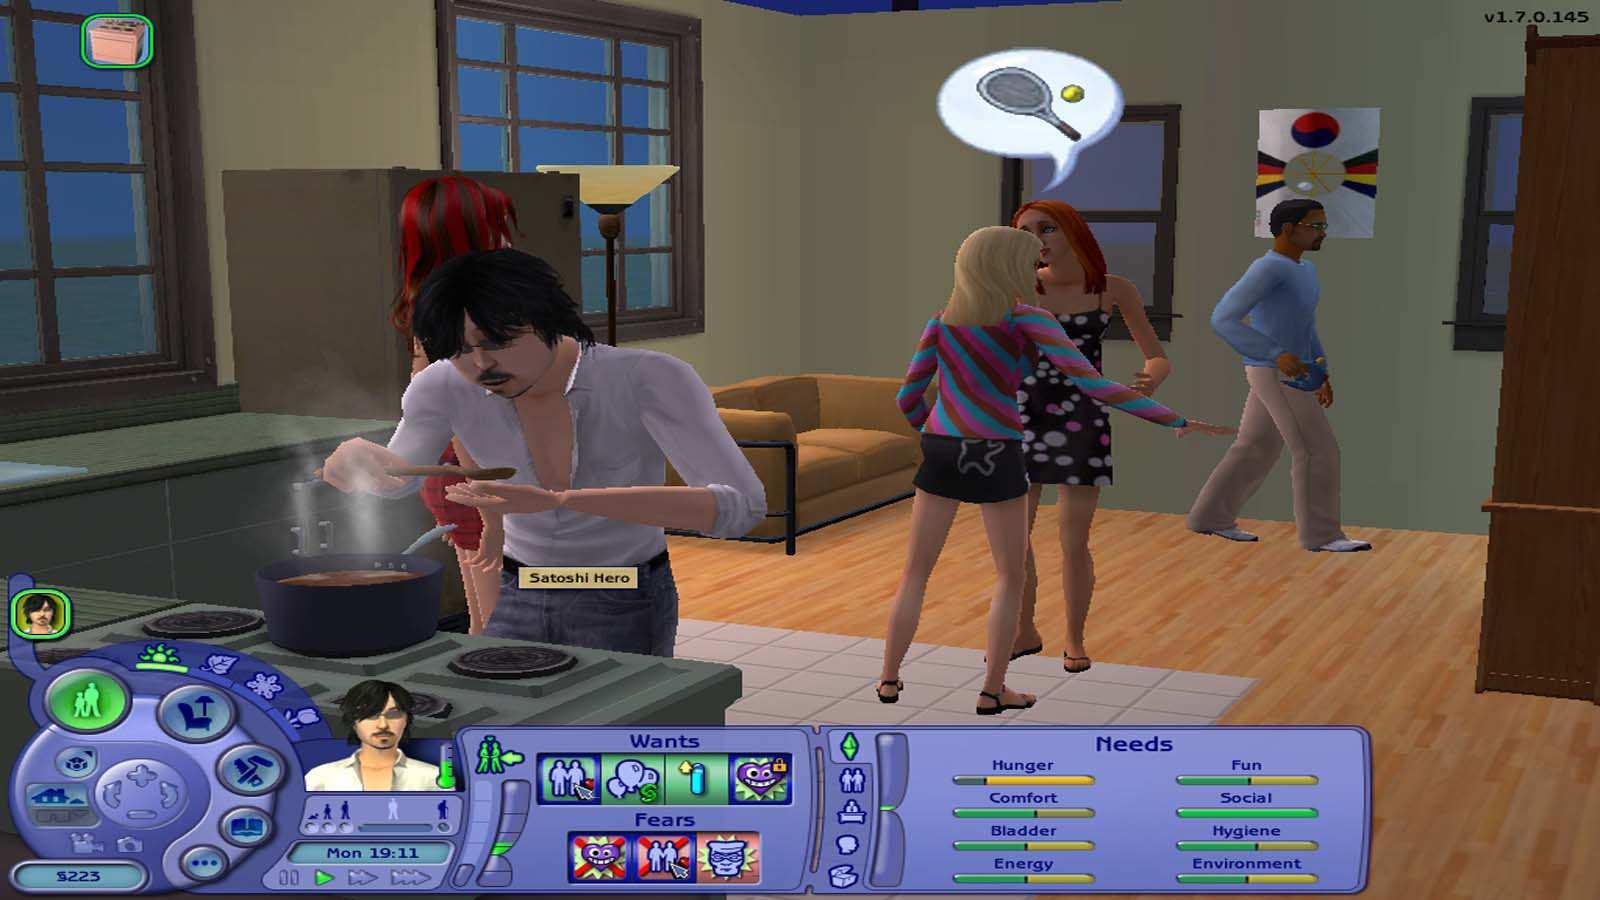 تحميل لعبة The Sims 2 Ultimate Collection مضغوطة برابط واحد مباشر + تورنت كاملة مجانا